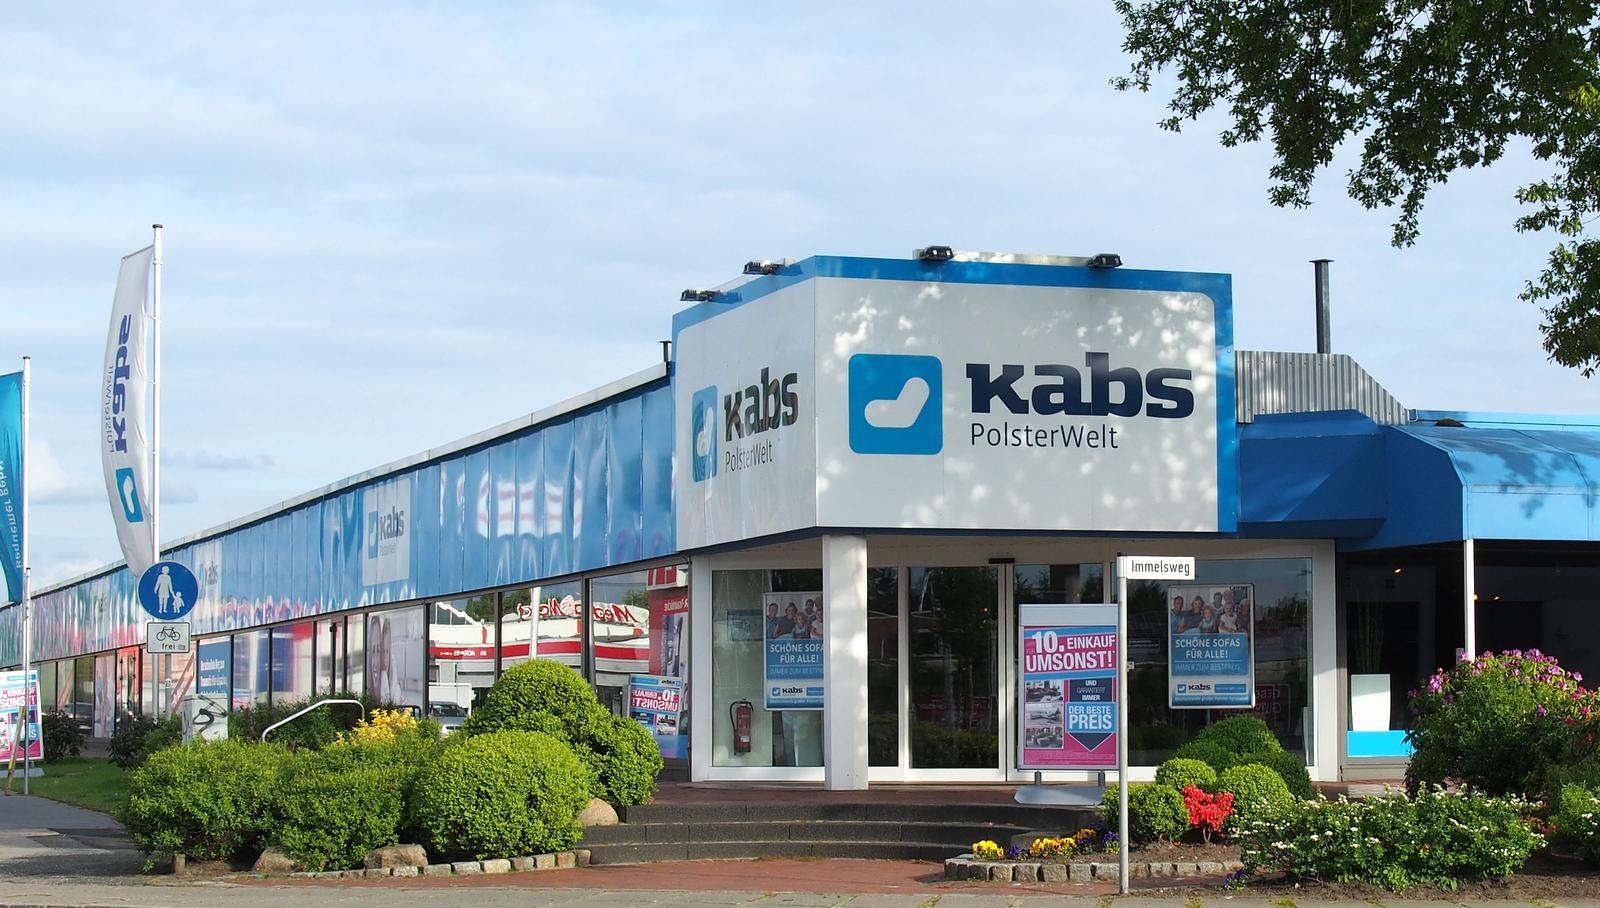 Kabs Polsterwelt Hamburg : kabs polsterwelt verkaufsoffener sonntag hamburg norderstedt ~ Yasmunasinghe.com Haus und Dekorationen